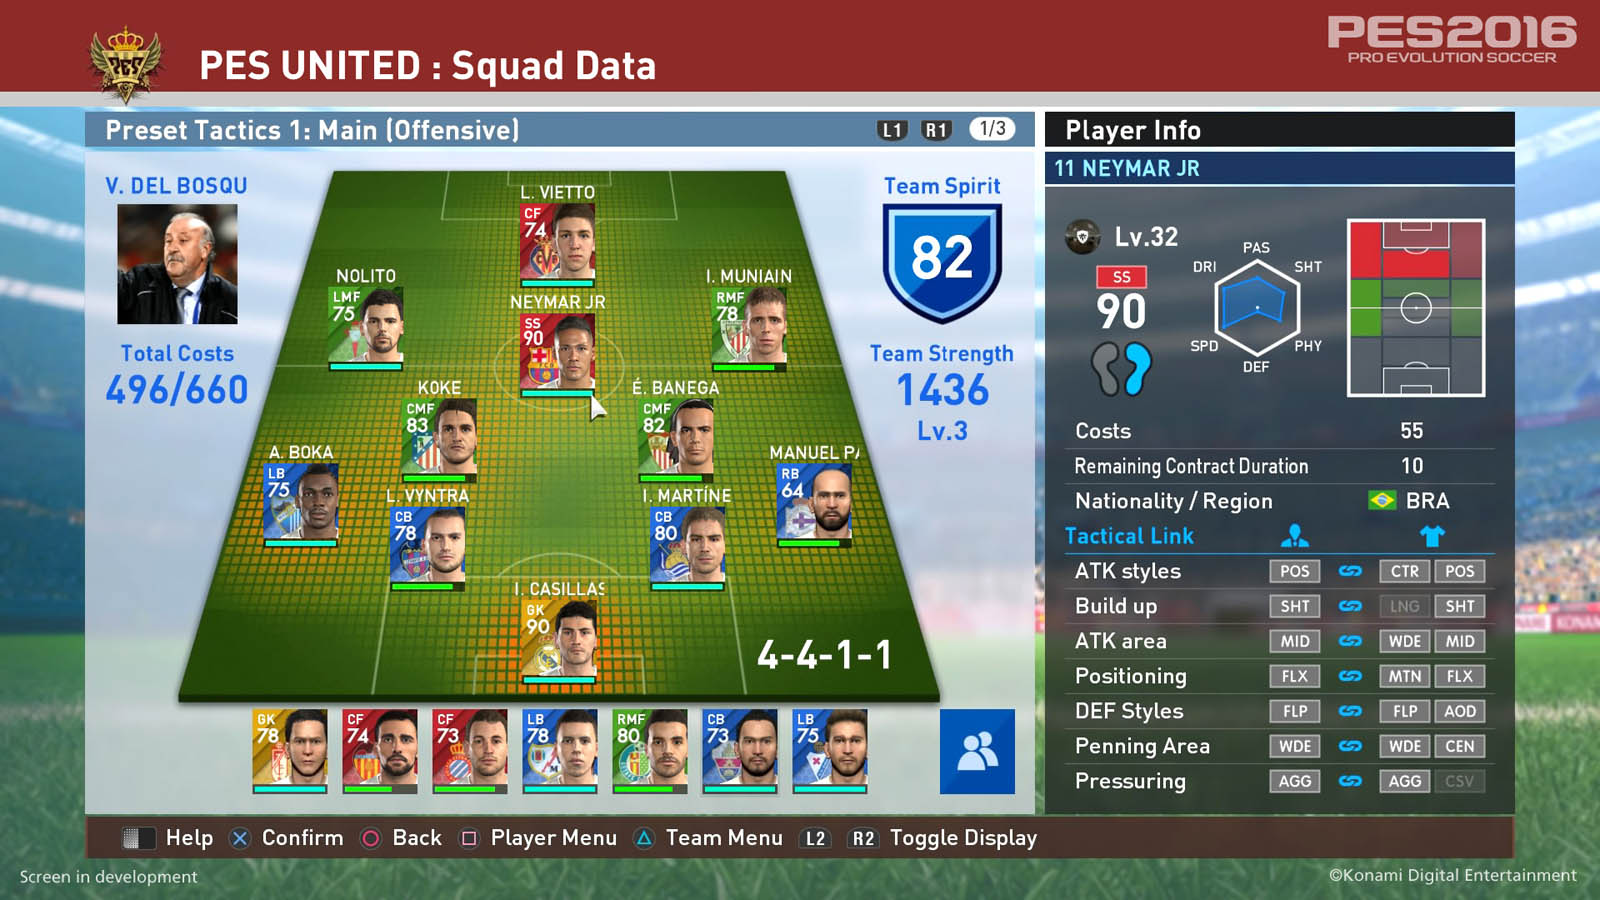 pes-2016-myClub-squads-1.jpg